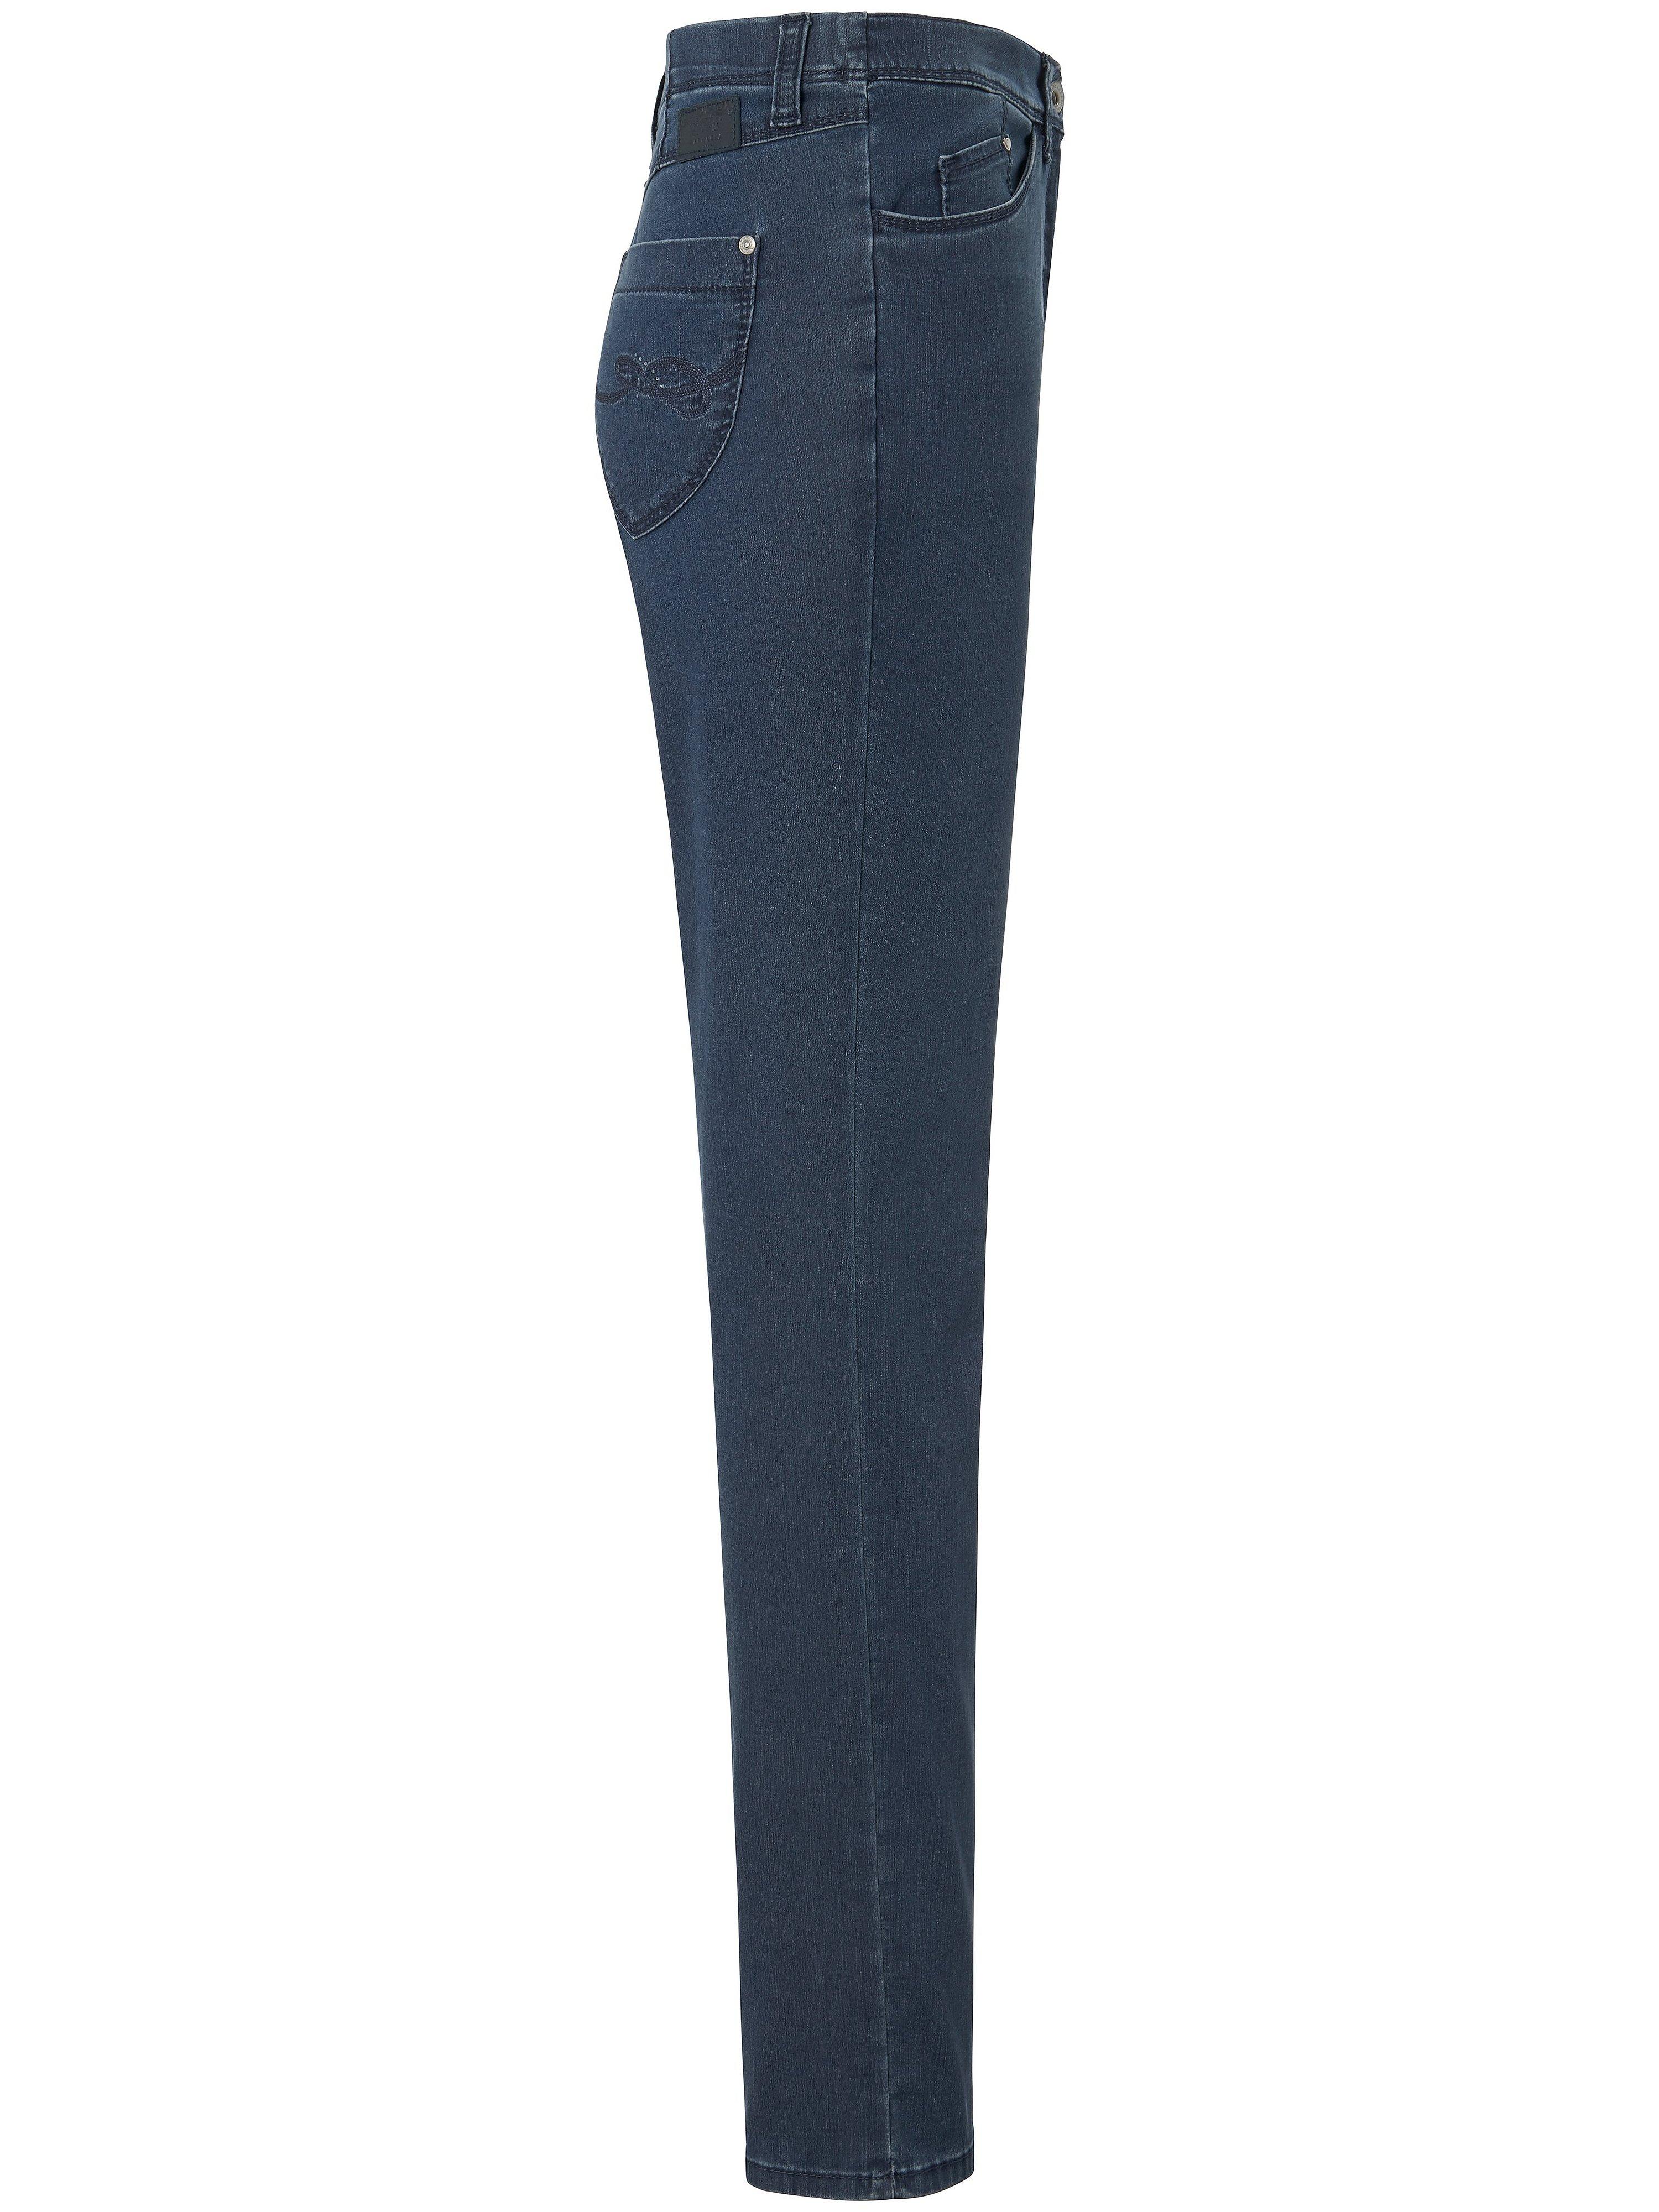 ProForm S Super Slim-jeans model Laura Touch Fra Raphaela by Brax denim